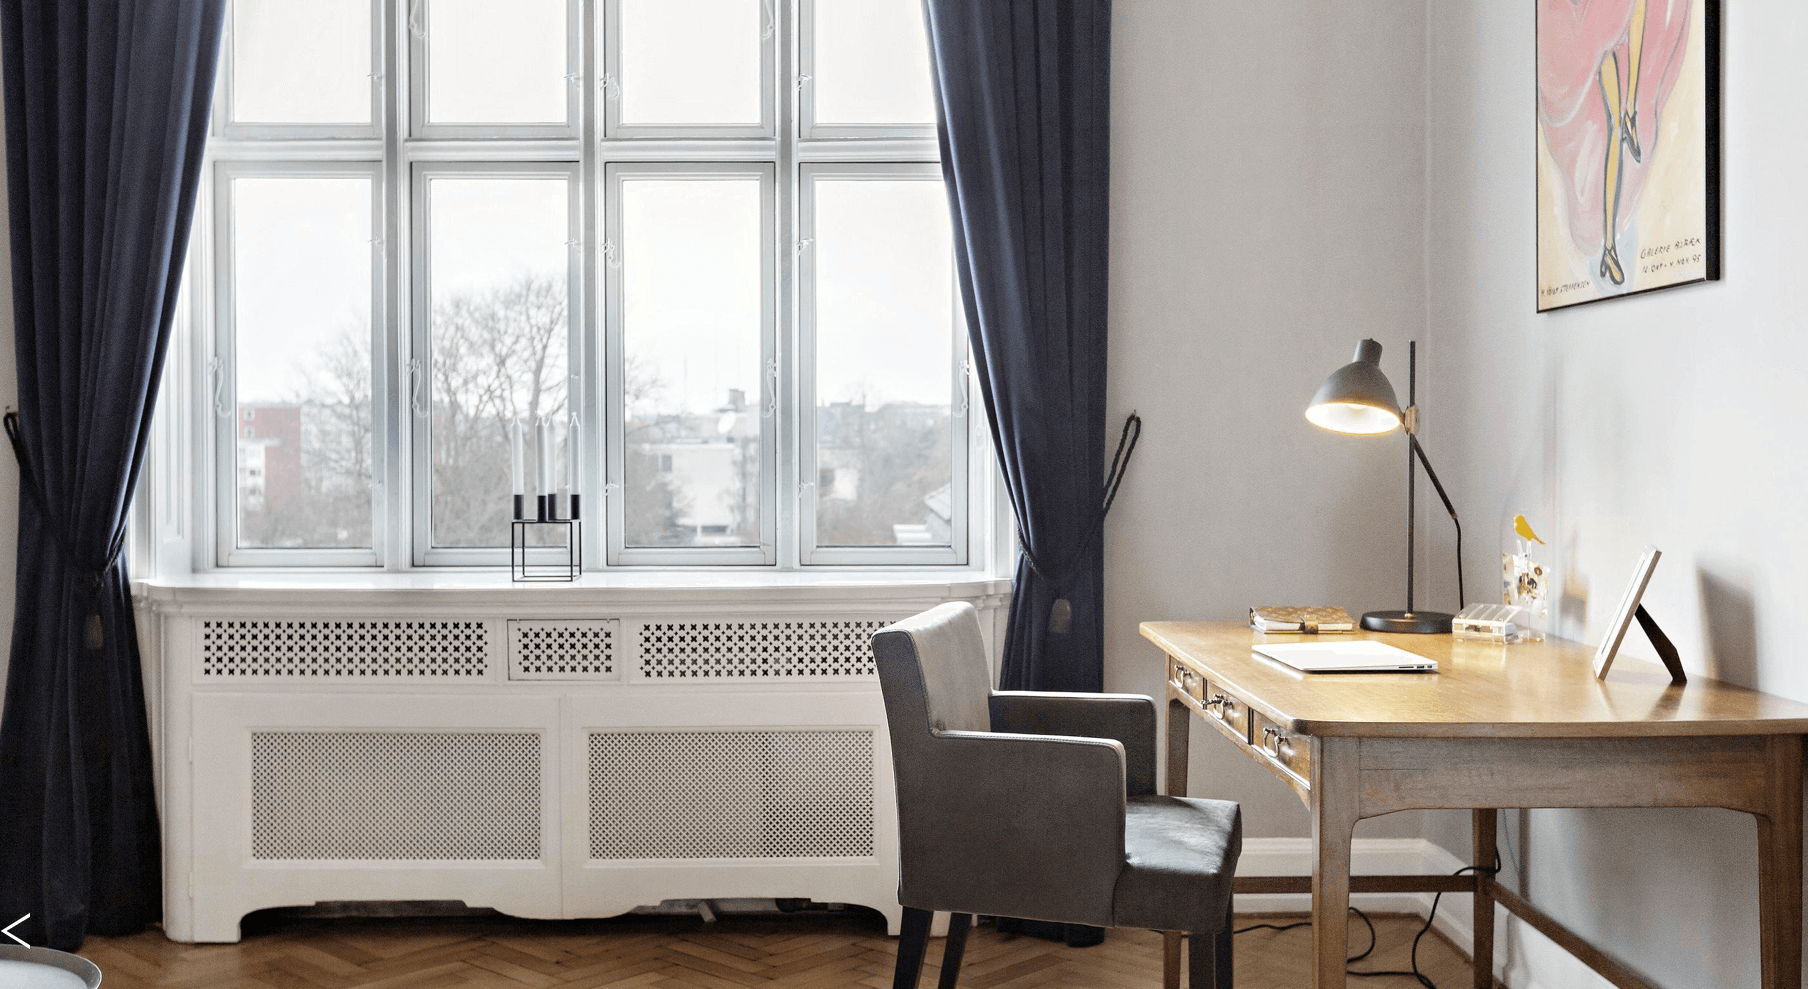 Nyindretning af stue